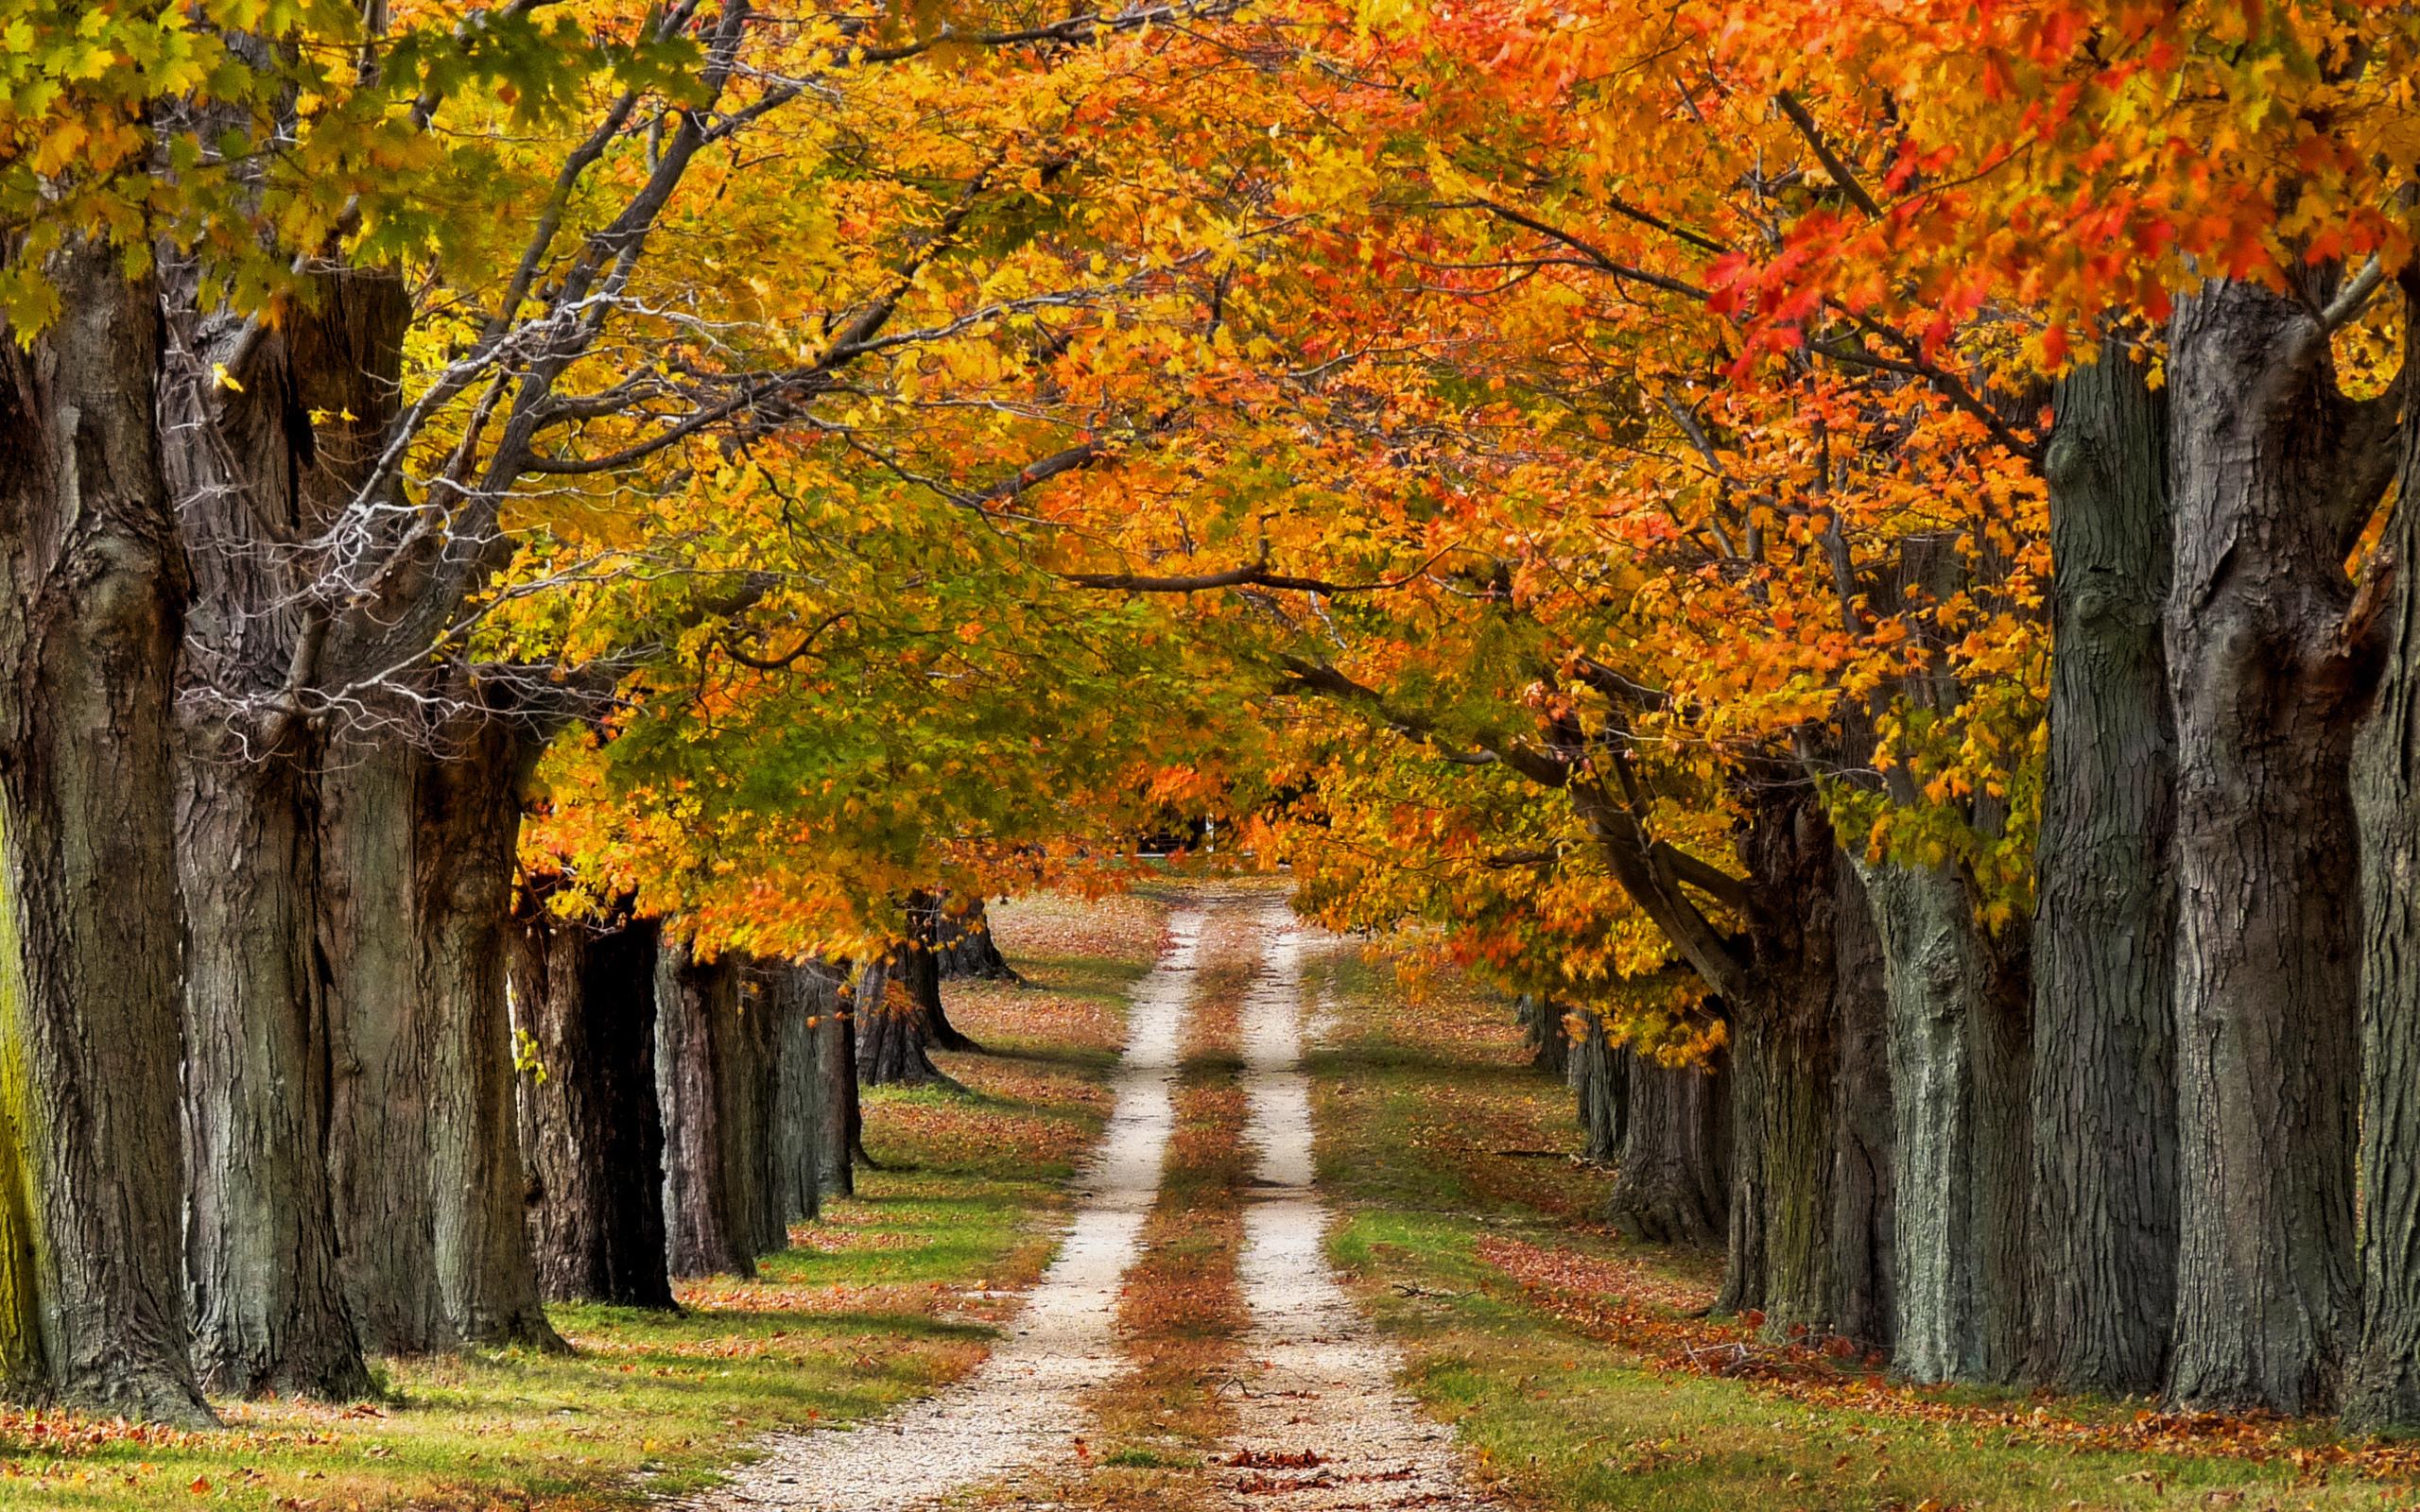 Осень пришла картинки